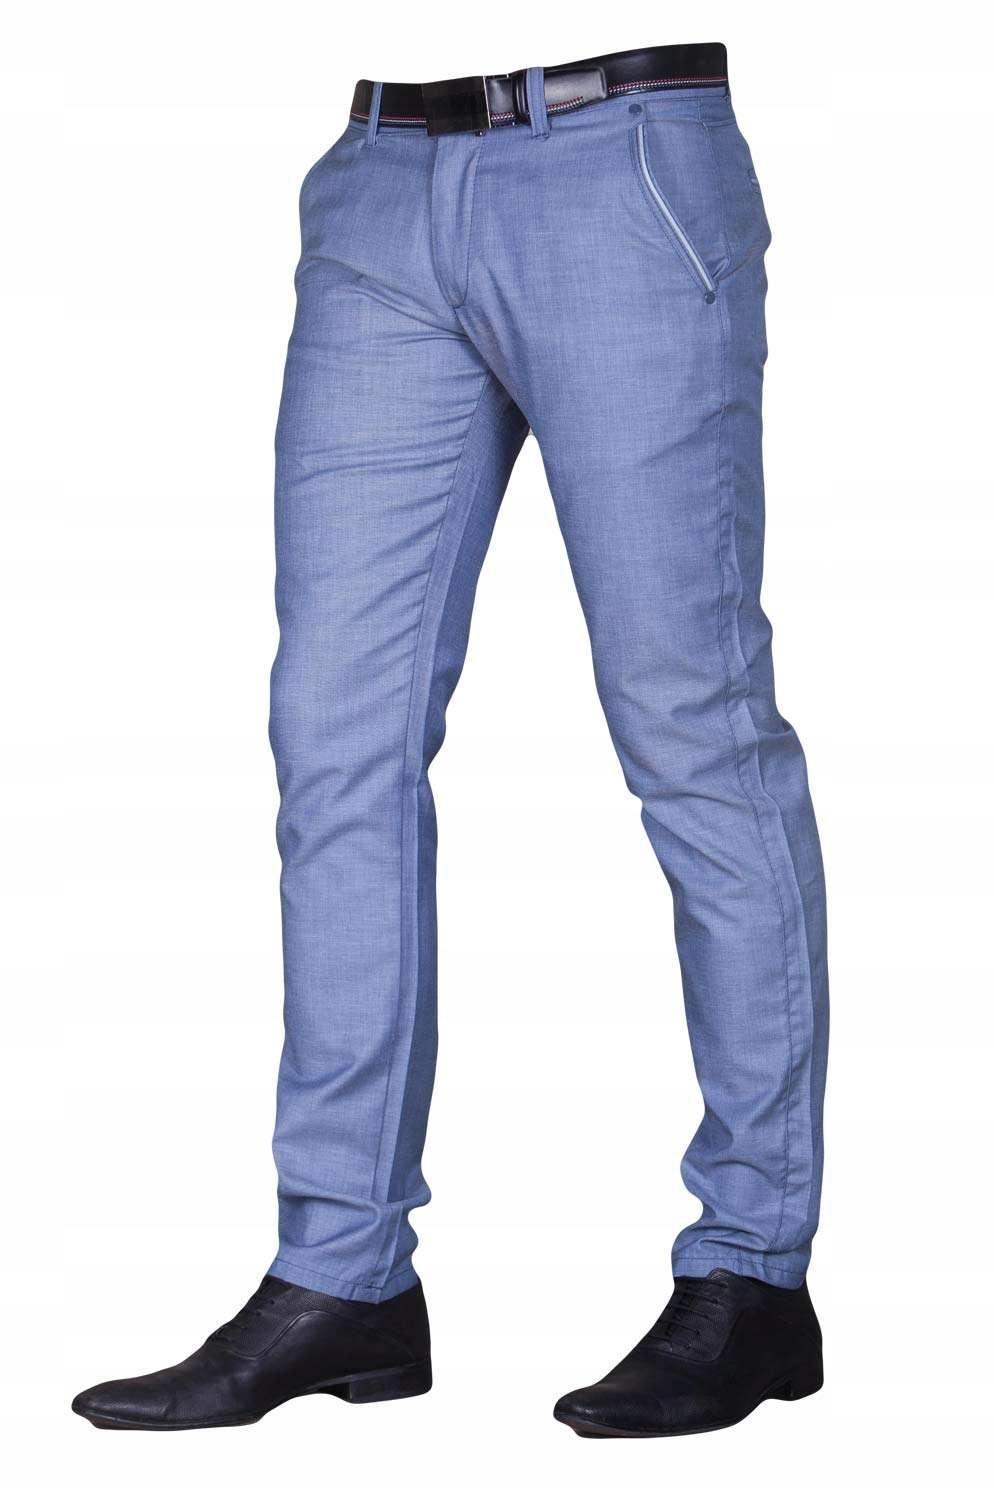 0853a994f7351 Spodnie indygo cienkie 1710 fashionmen2 rozm. 38 - 7314406001 - oficjalne  archiwum allegro